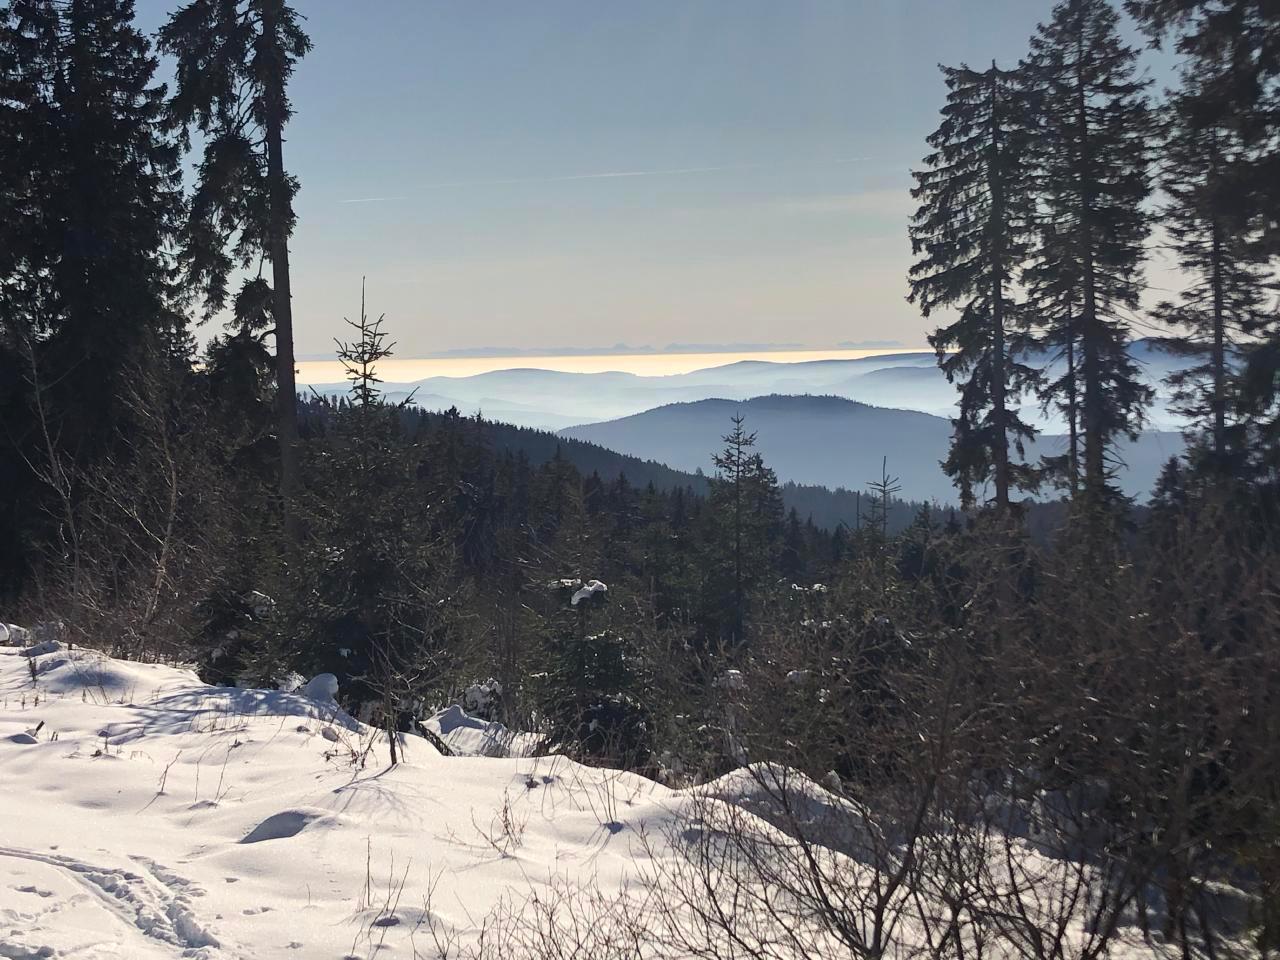 Ferienwohnung bis 6 Pers. (251245), Zandt, Bayerischer Wald, Bayern, Deutschland, Bild 26